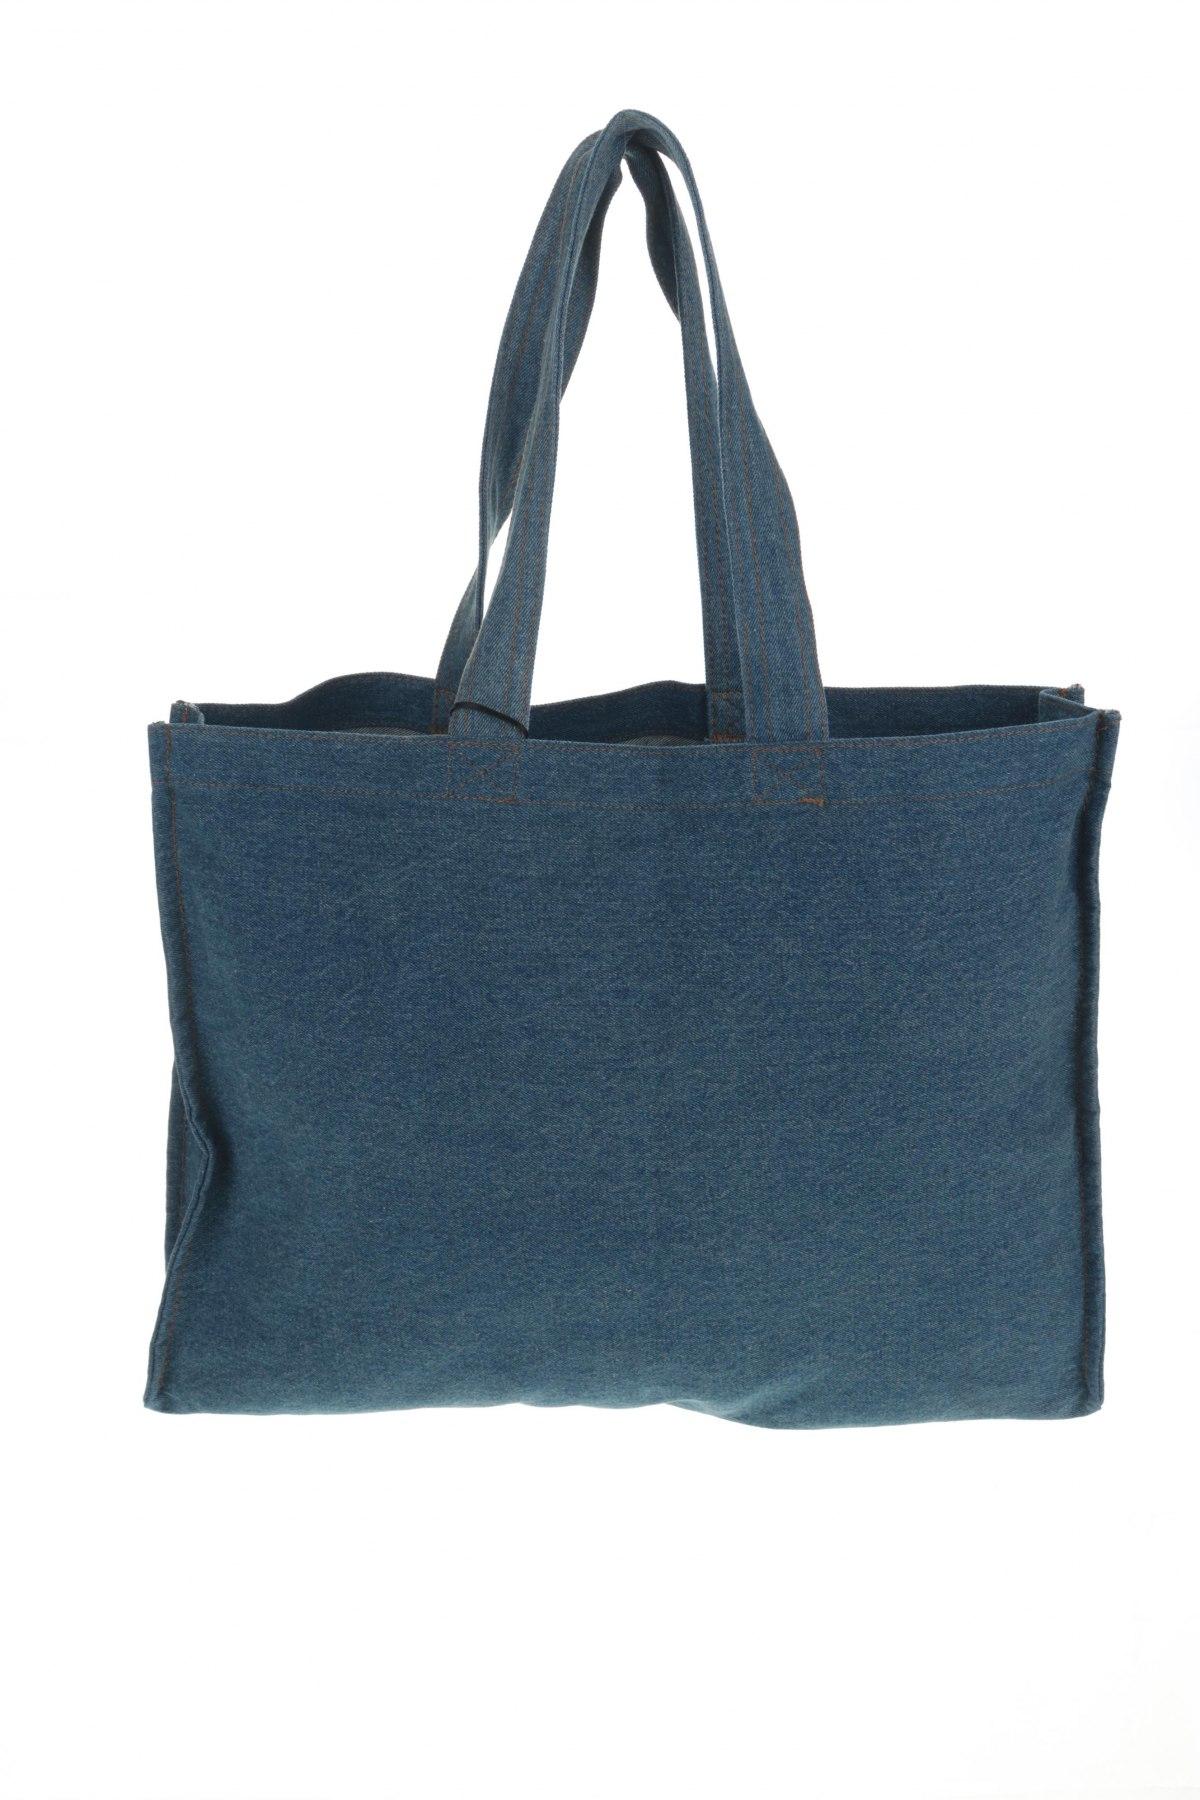 Дамска чанта Mohito, Цвят Син, Текстил, Цена 44,25лв.